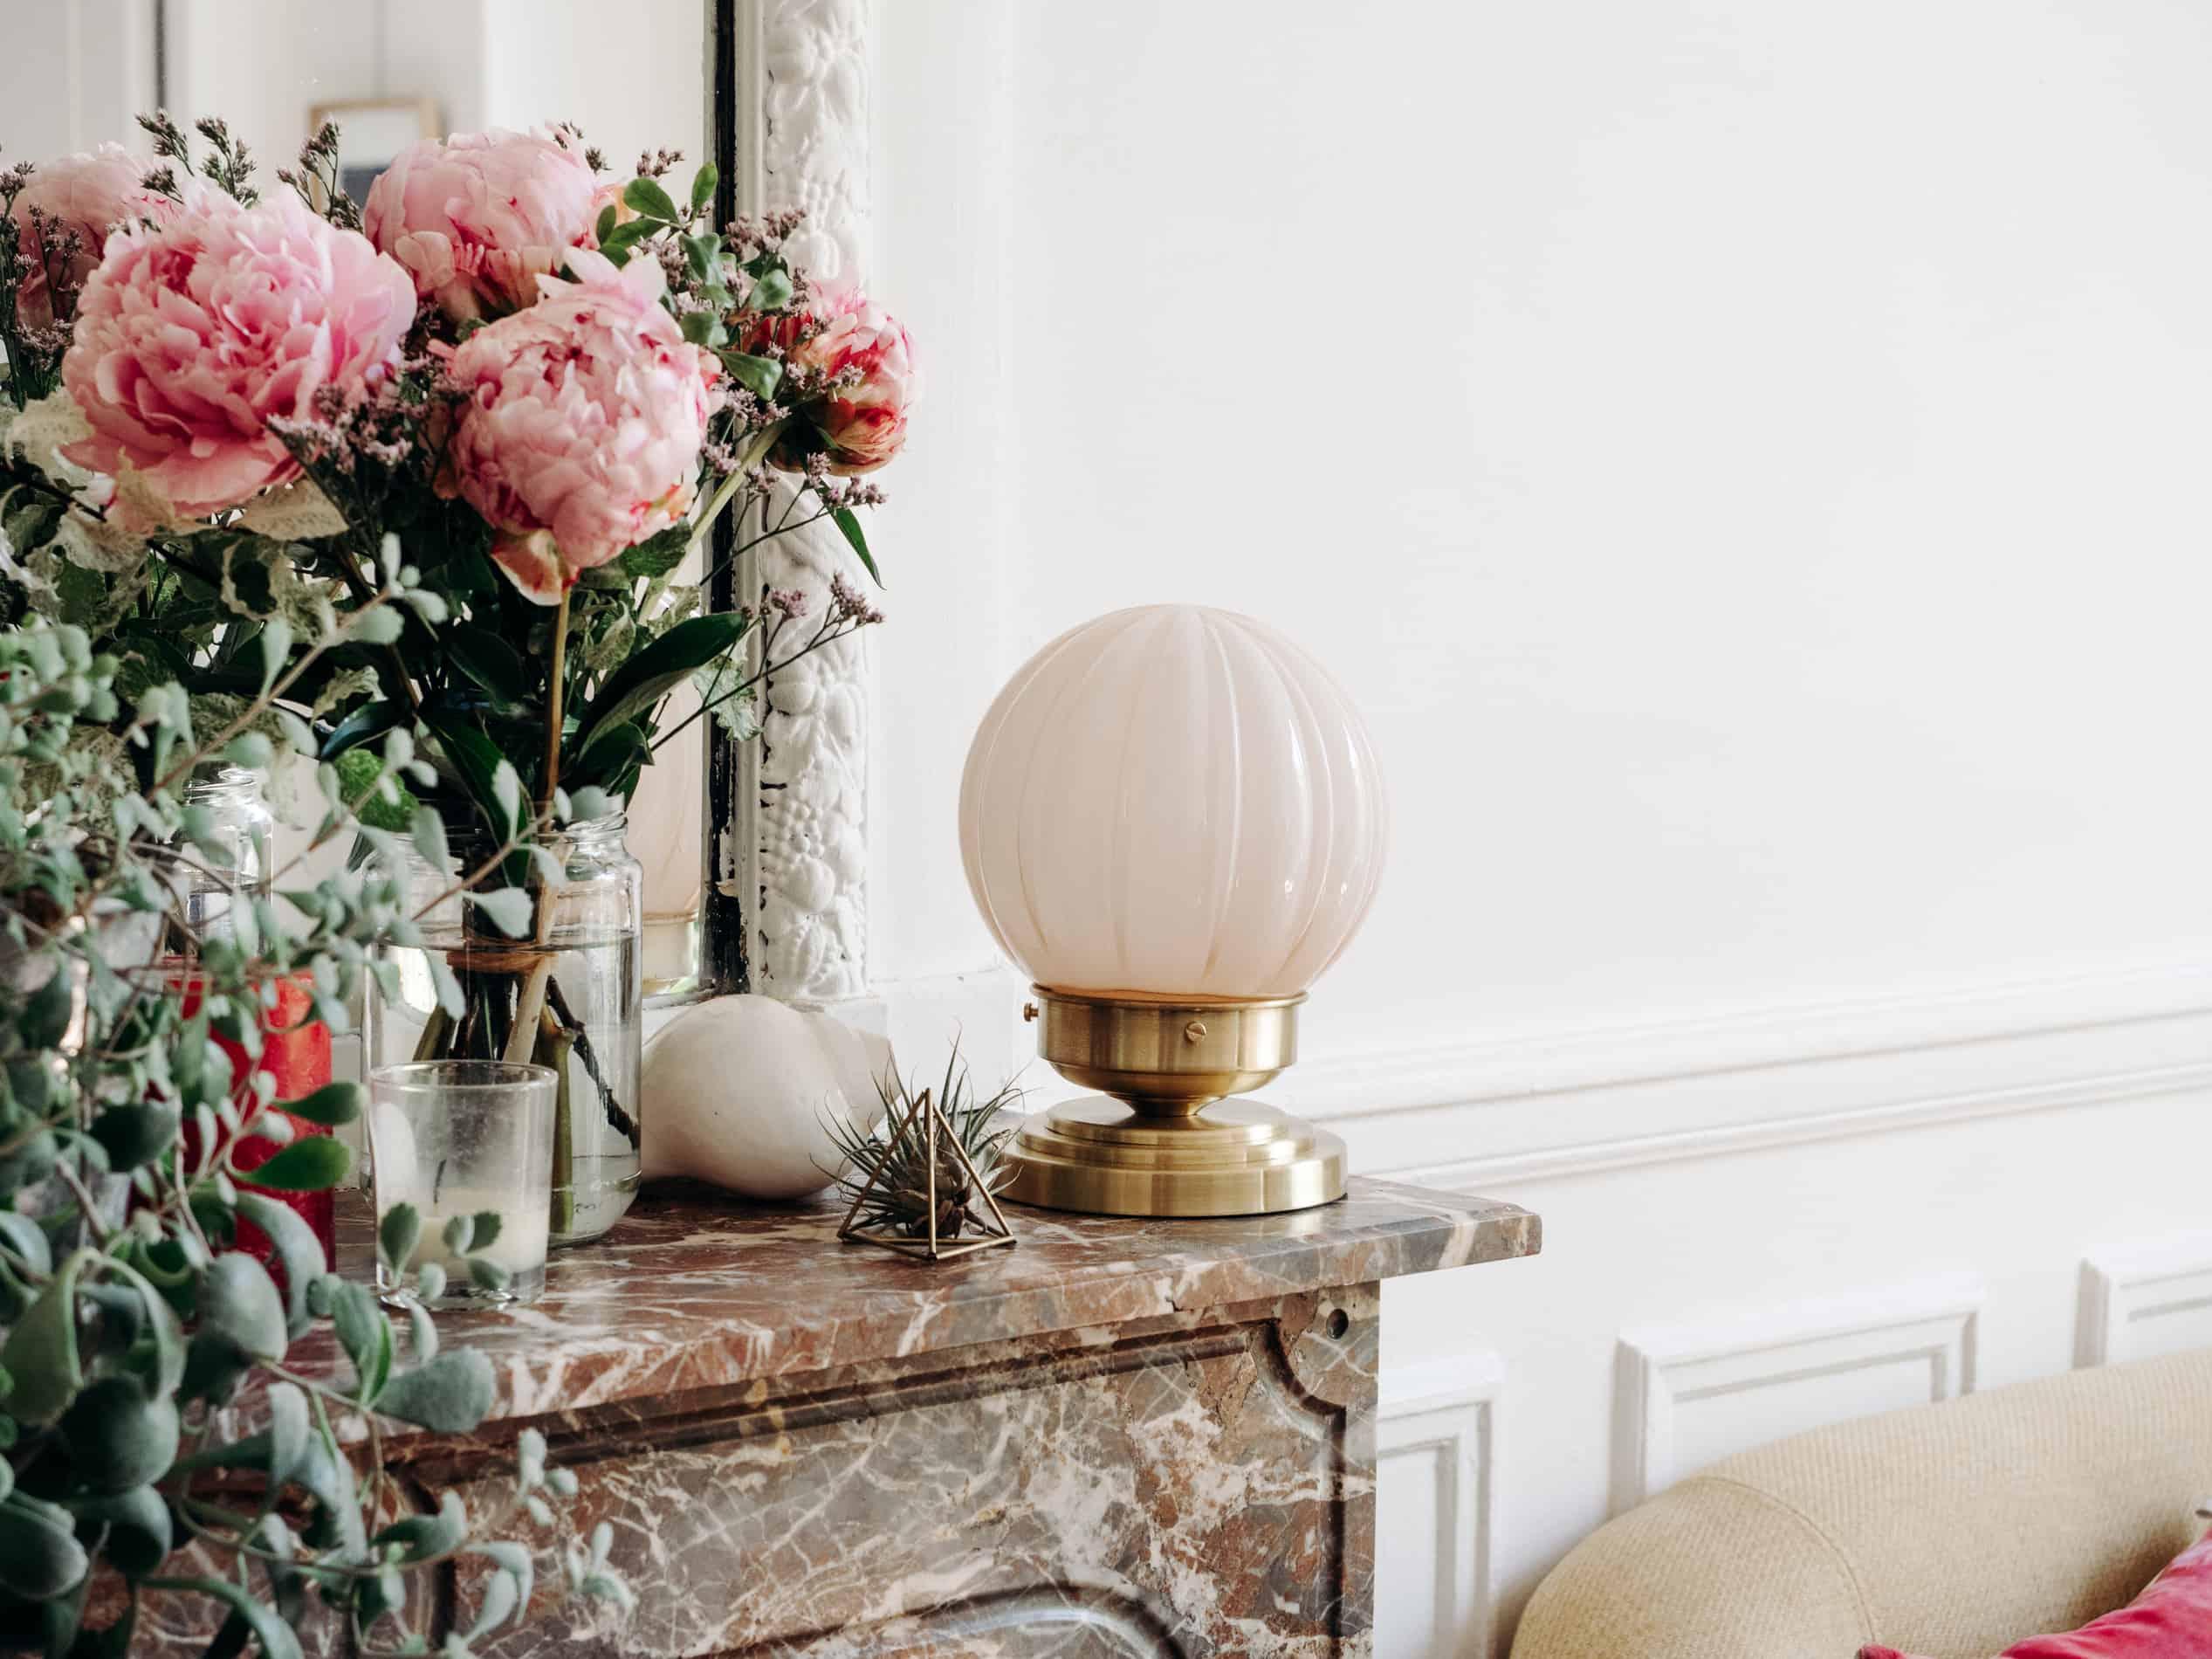 habituari globe vintage décoration slow living